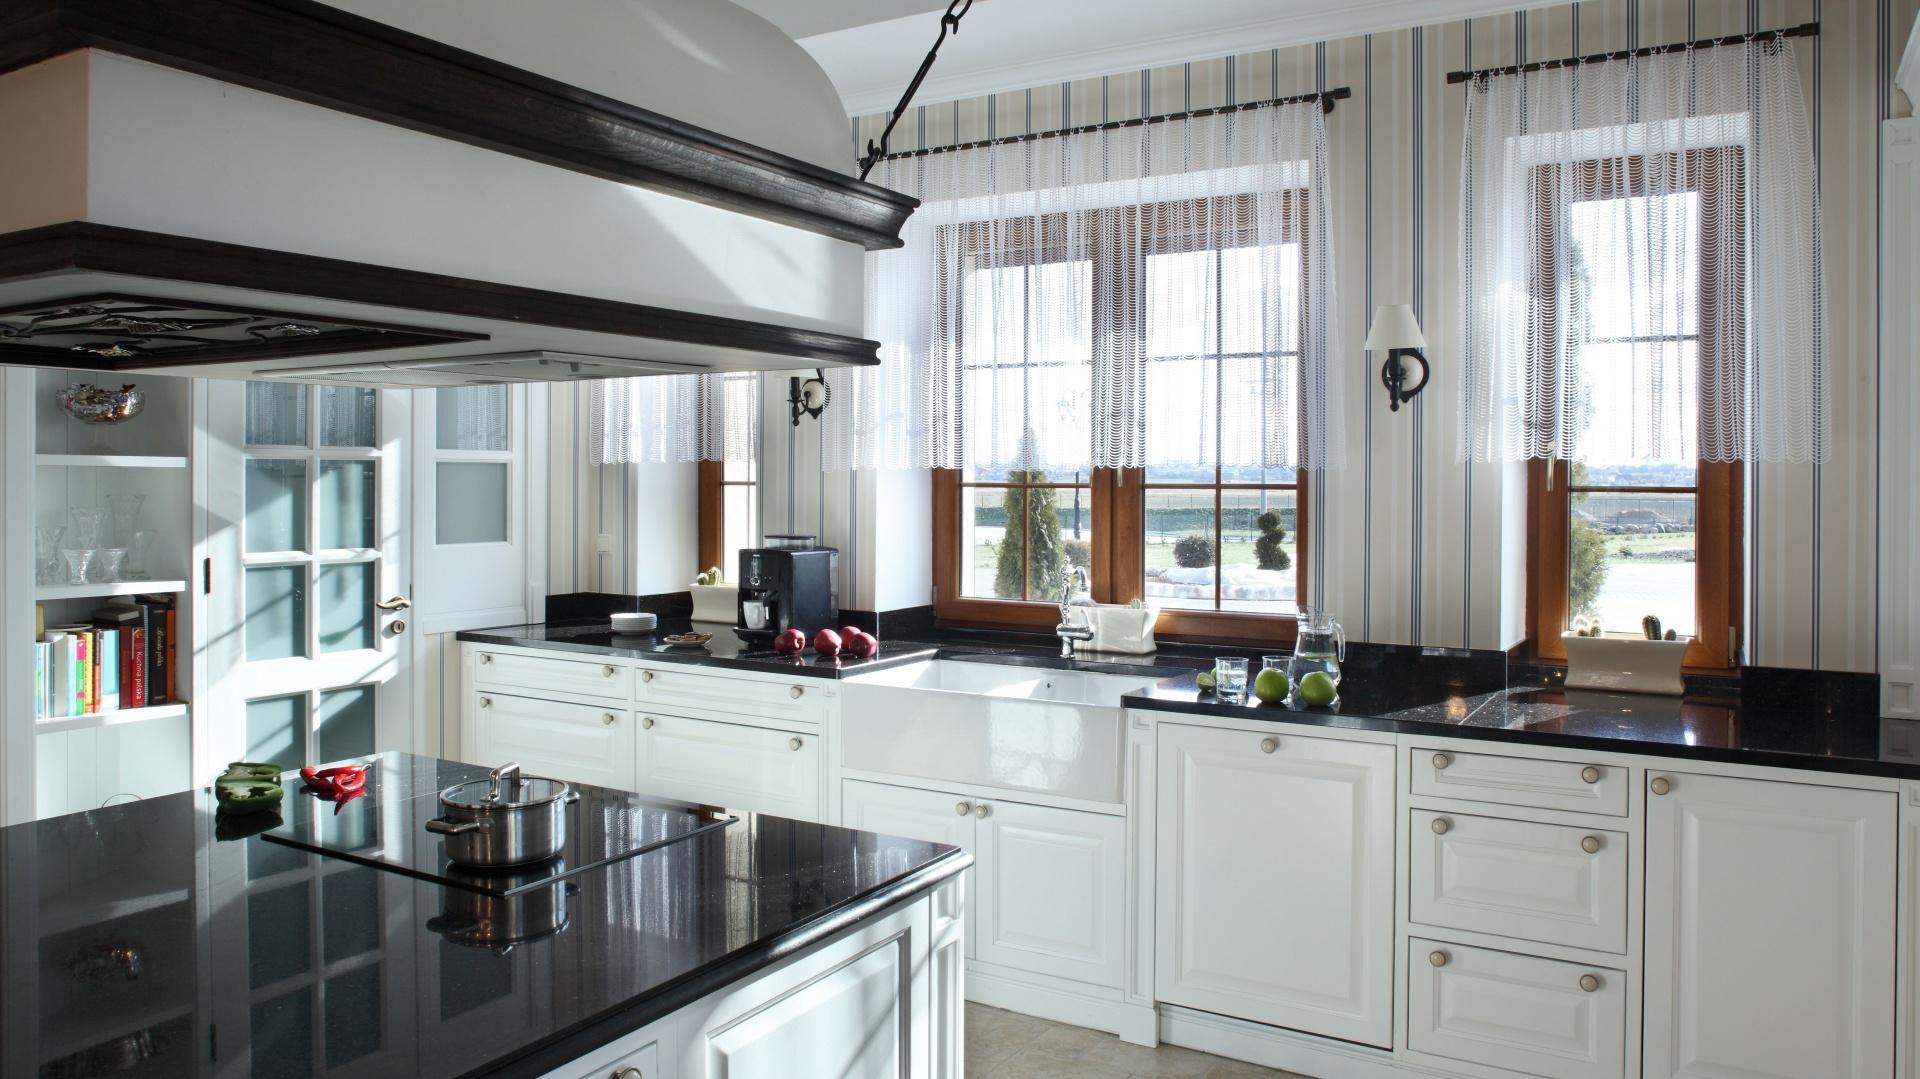 Kuchnie Klasyczne Najpiękniejsze Wnętrza Z Polskich Domów